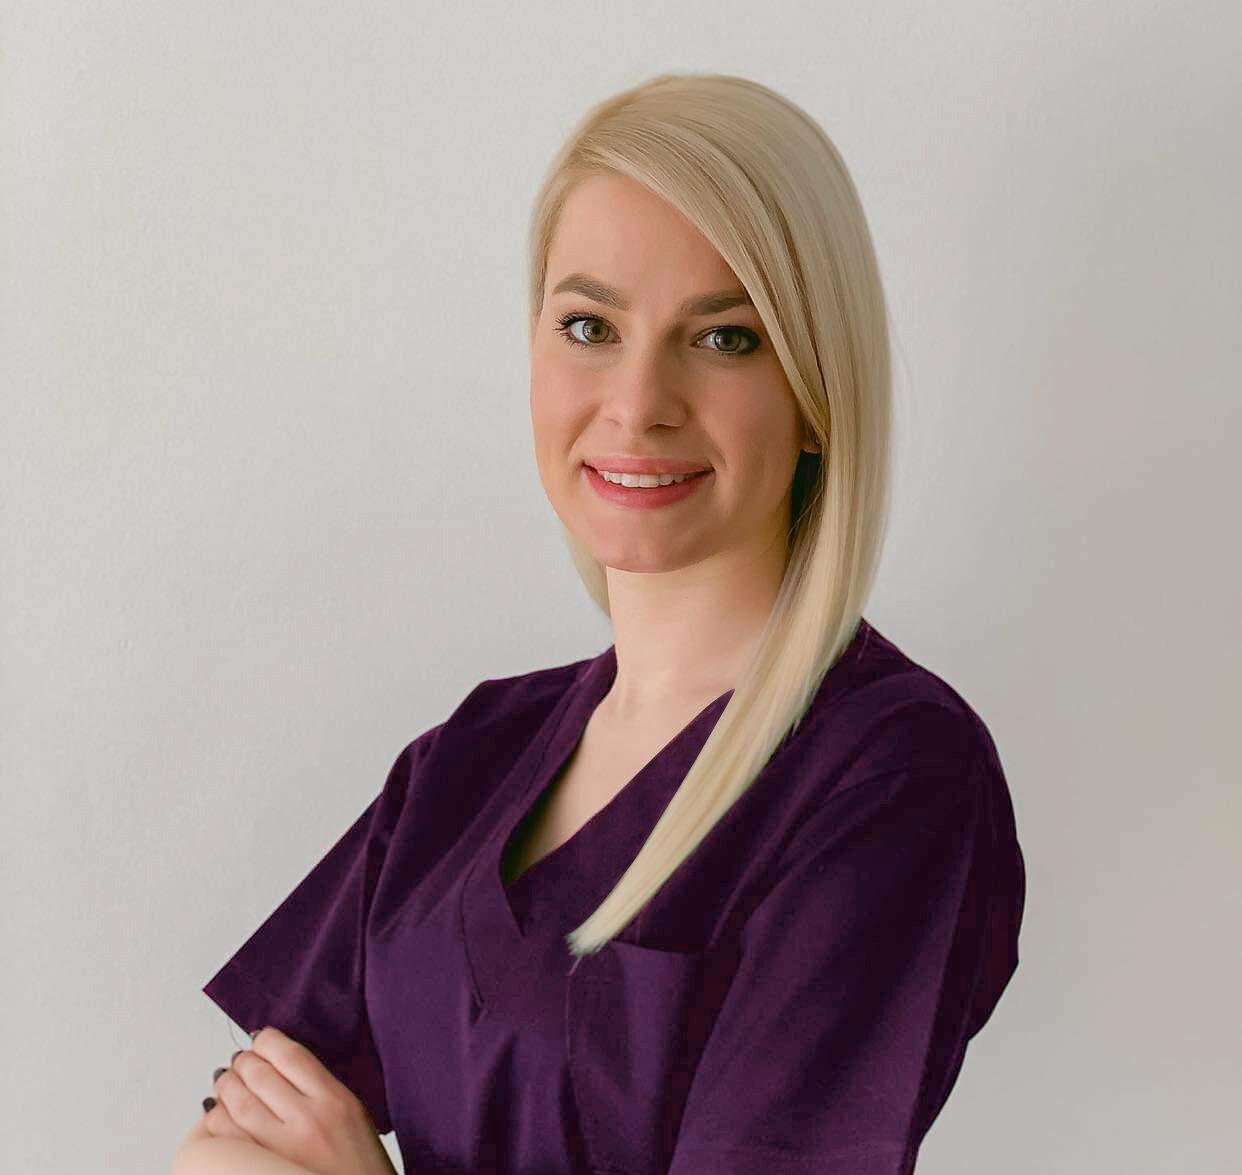 Dr. Anita Barcan